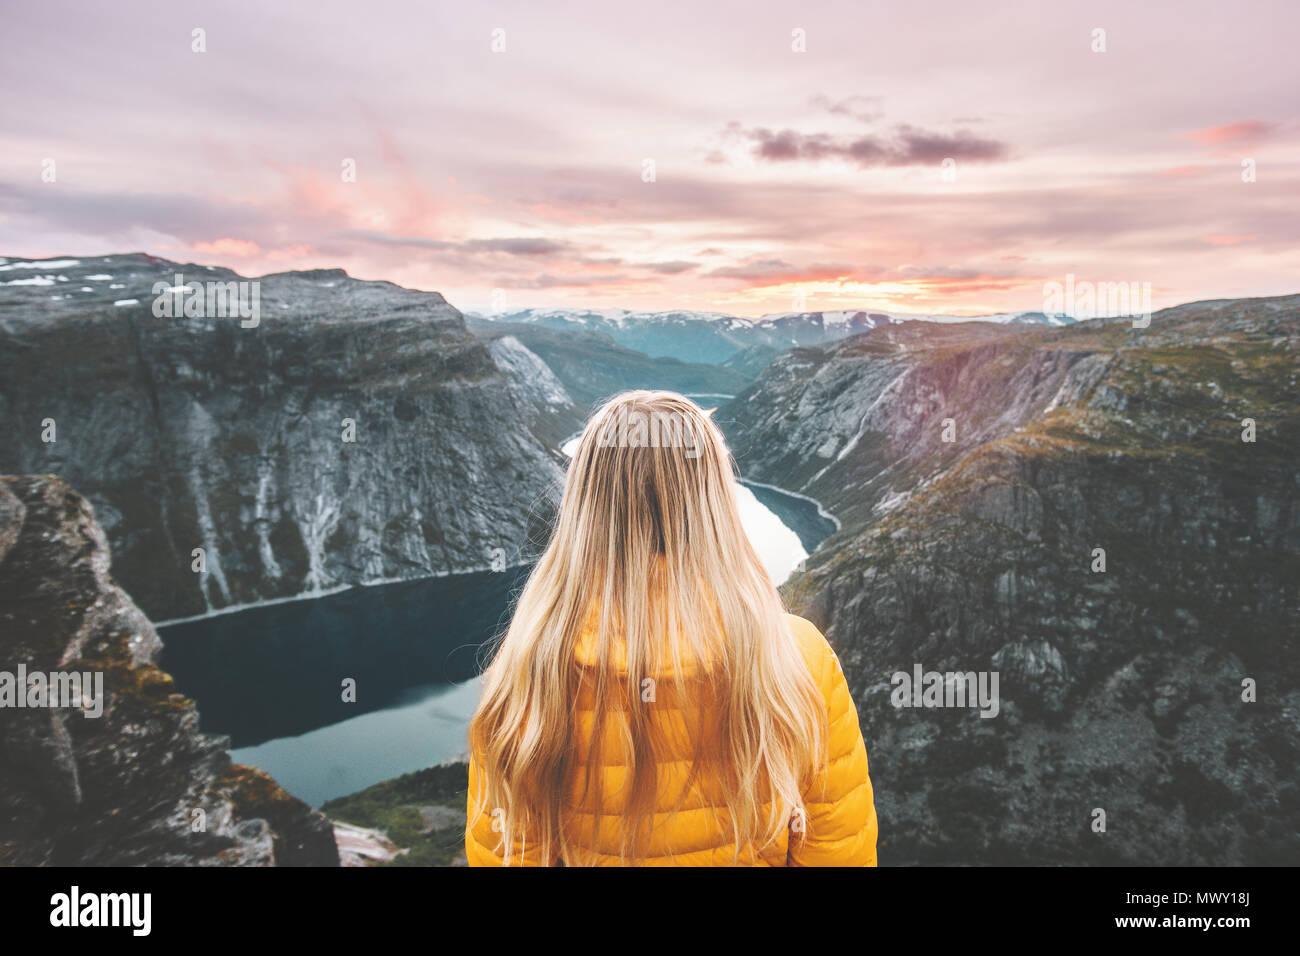 Frau alleine unterwegs Sonnenuntergang Landschaft Berge Abenteuer Reise Lifestyle Urlaub Wochenende Antenne Norwegen See Landschaft Stockbild